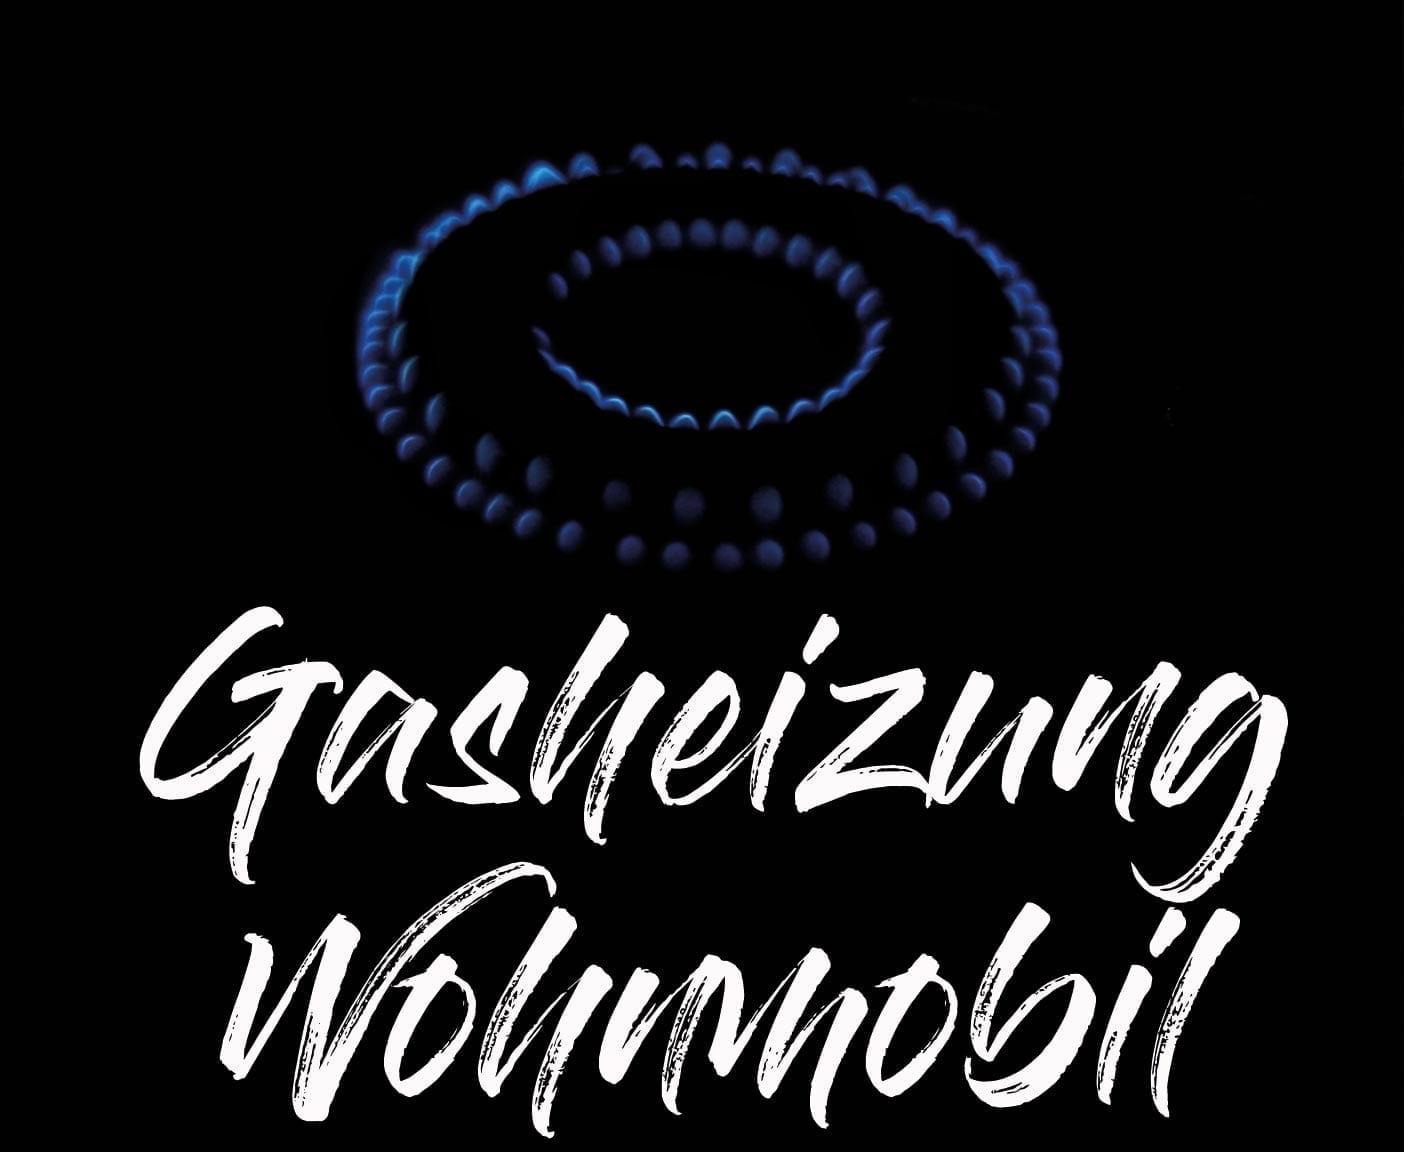 gasheizung-wohnmobil-camper-reise-heizer